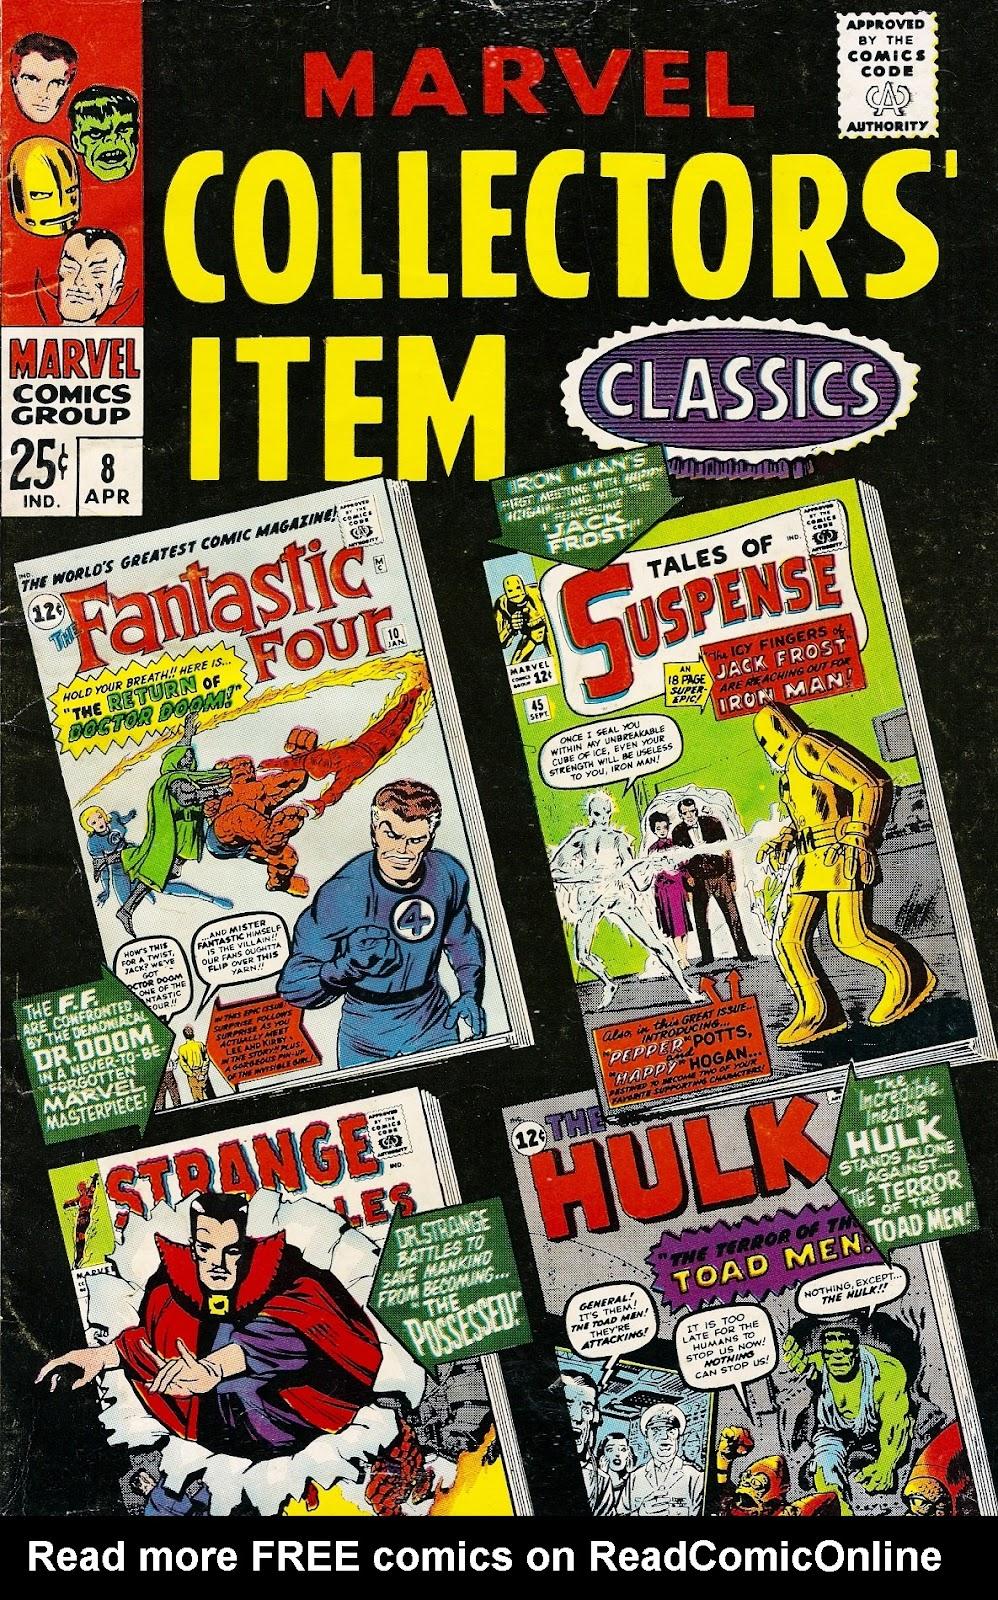 Marvel Collectors Item Classics 8 Page 1